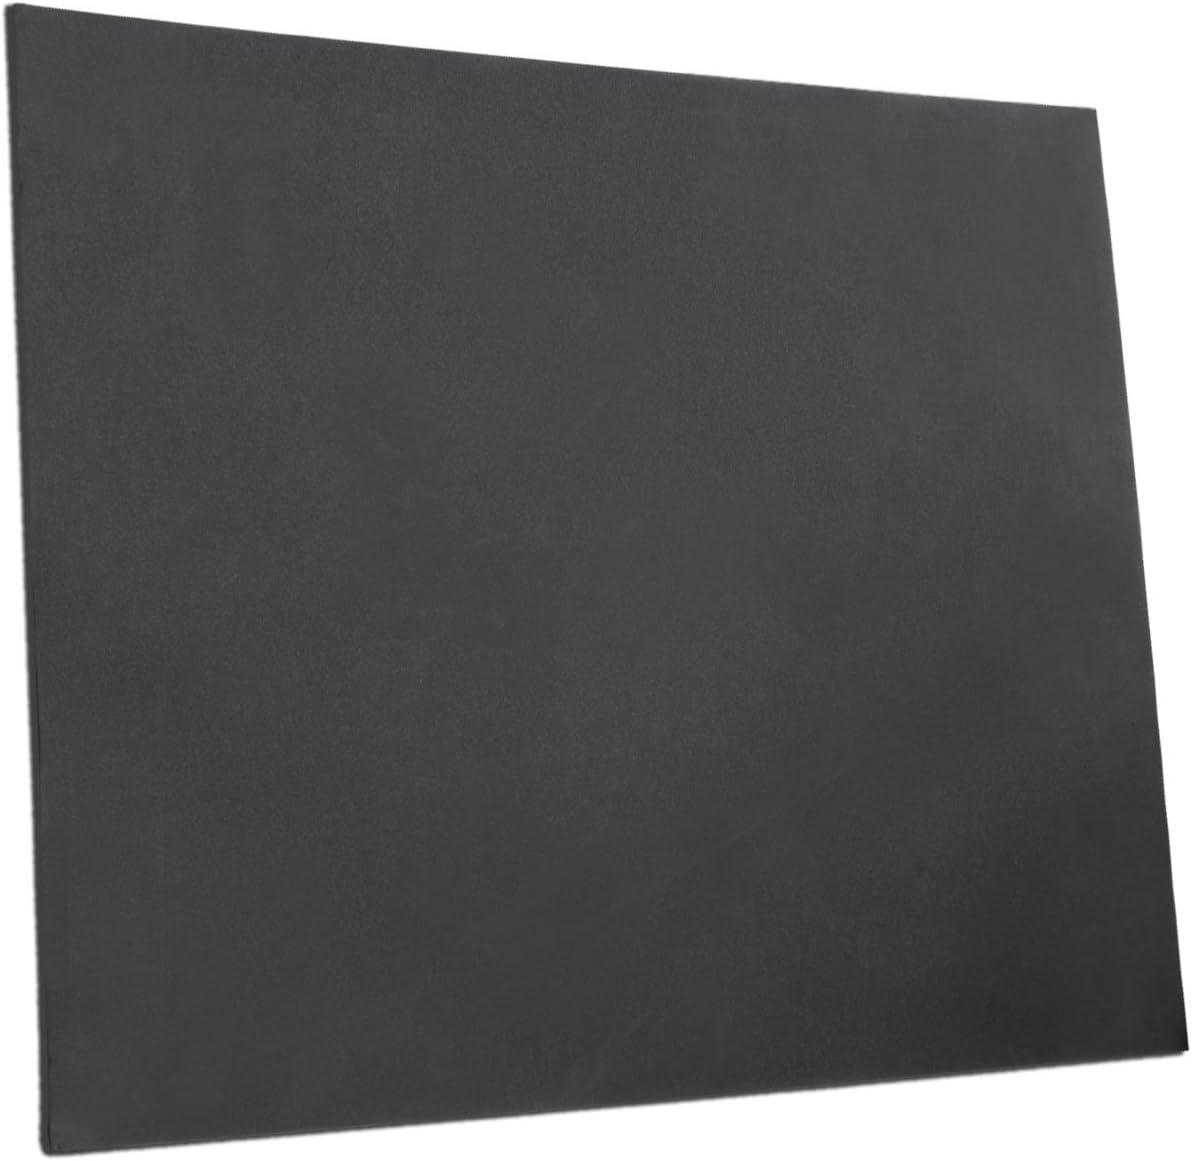 300 x 330mm JAROLIFT Rollladenkasten-Seitenteild/ämmung 13mm